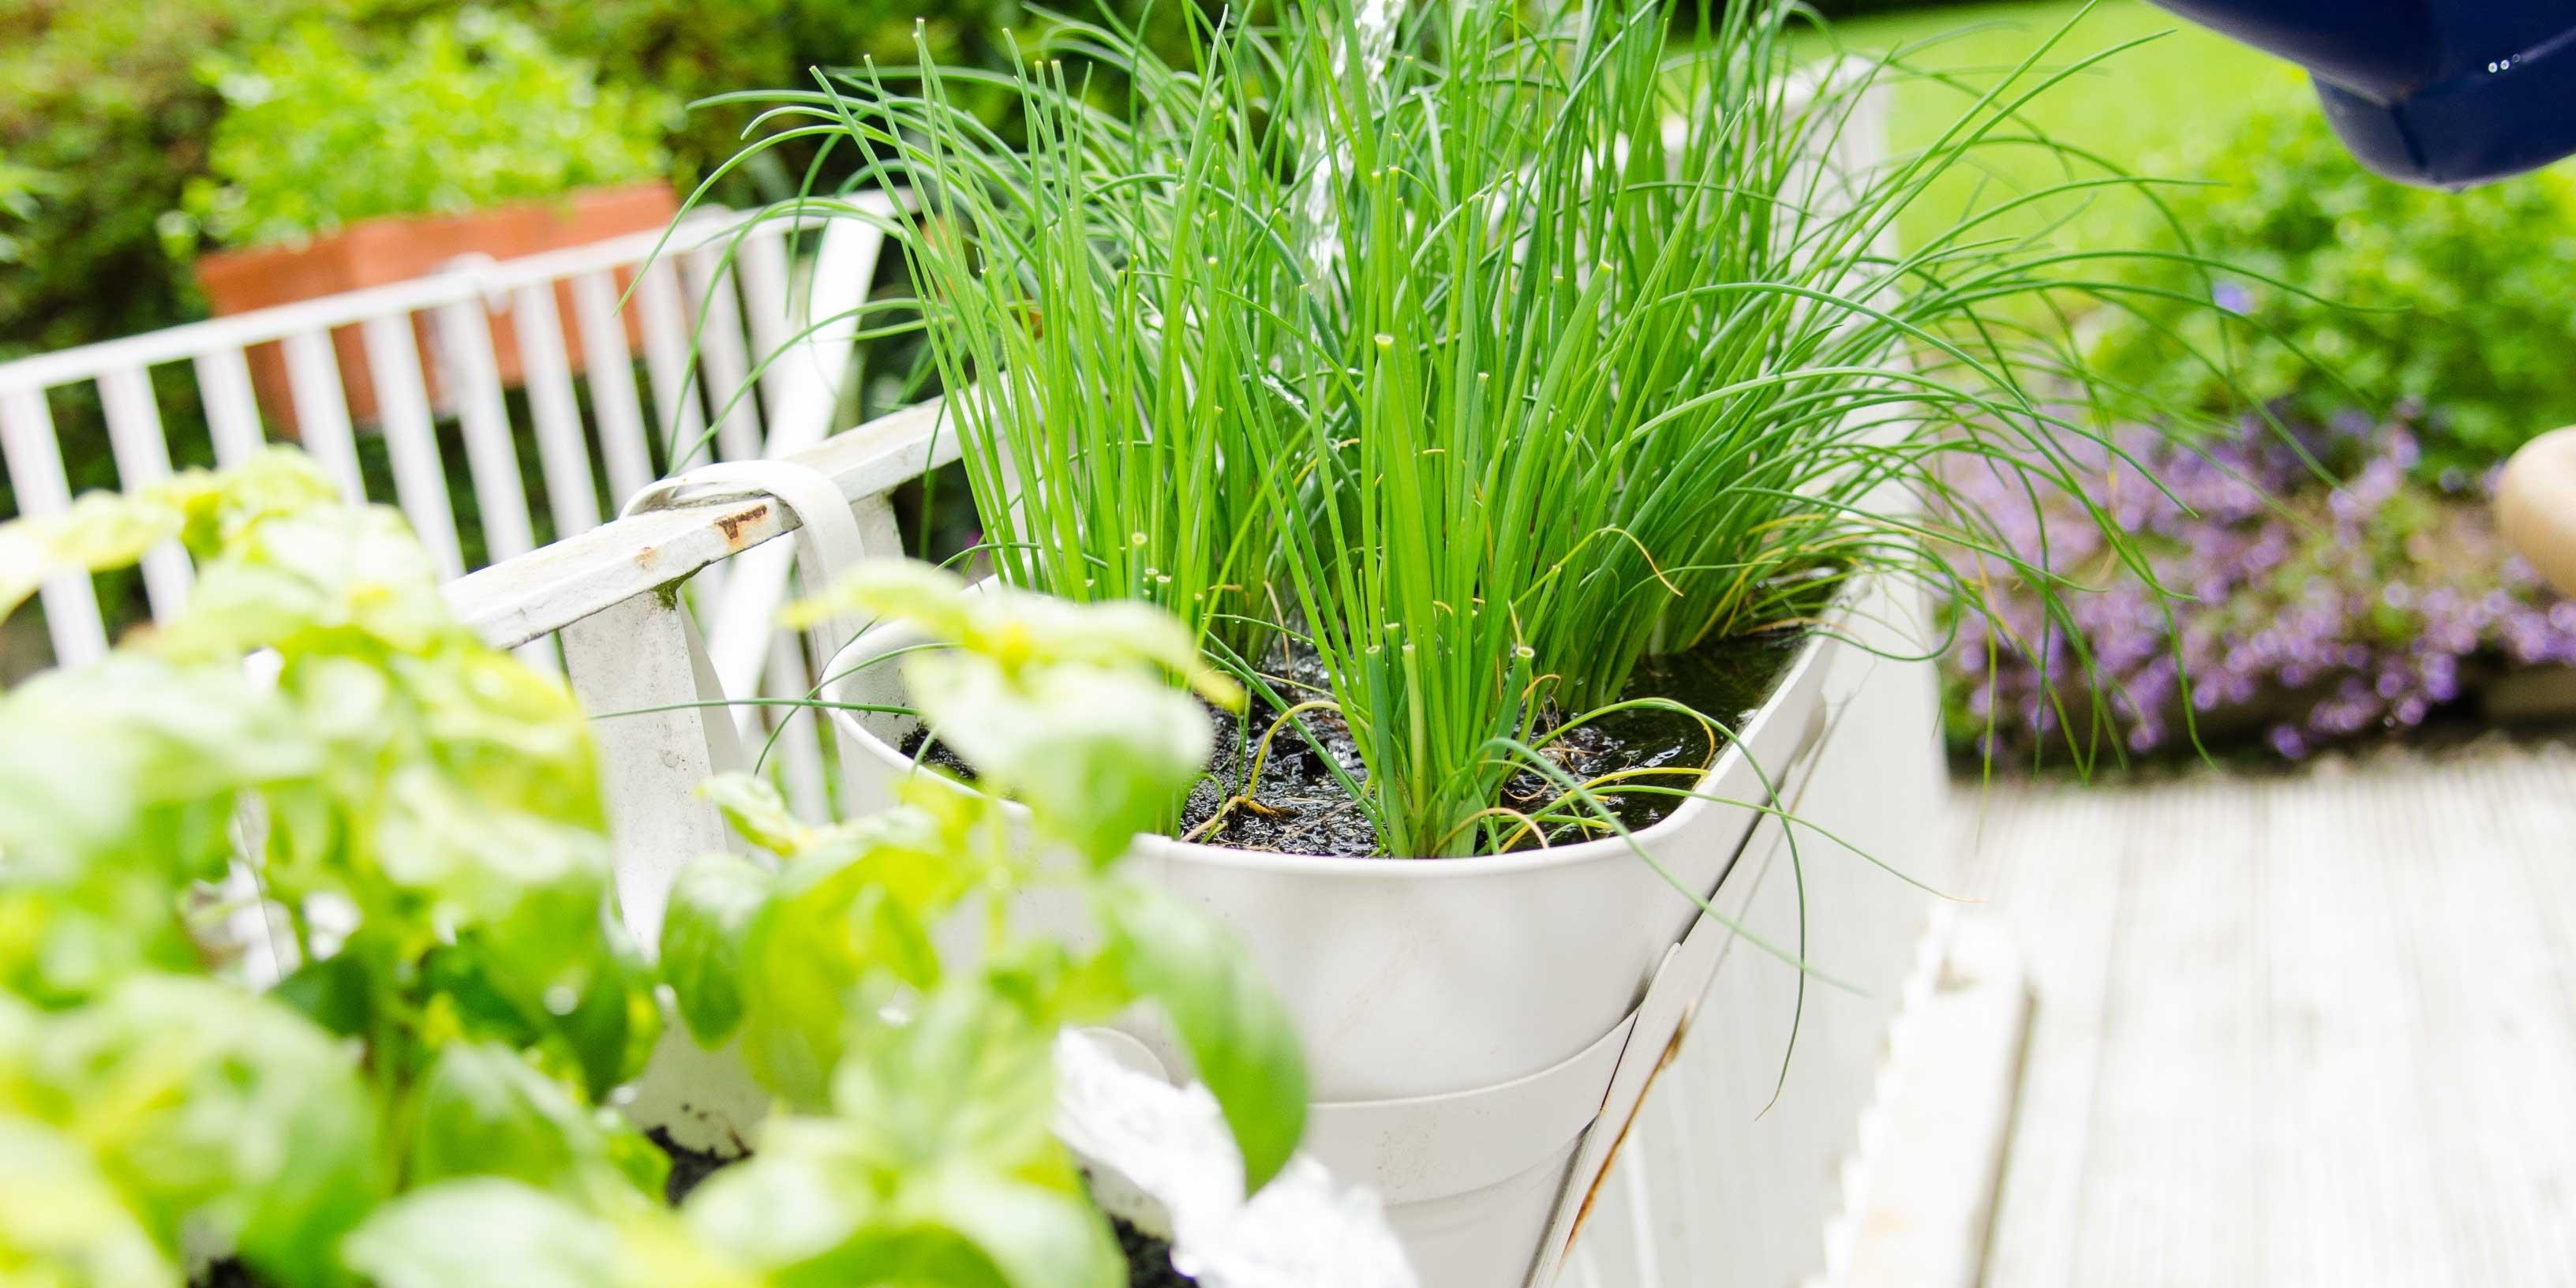 Allestire l impianto di irrigazione cose di casa for Impianto irrigazione automatico